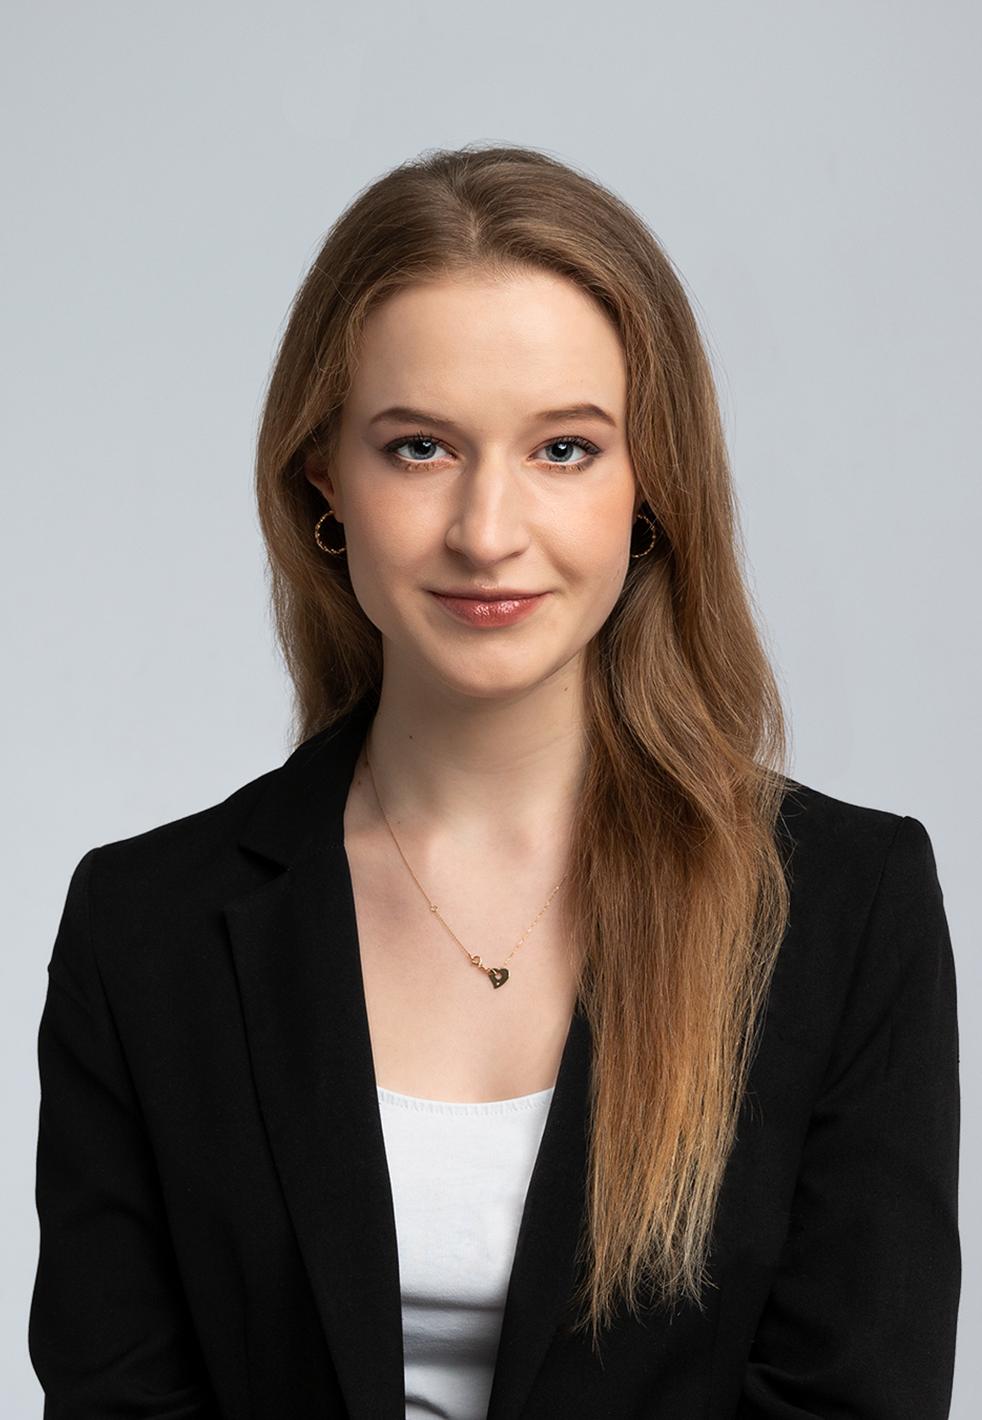 Joanna Lechowska